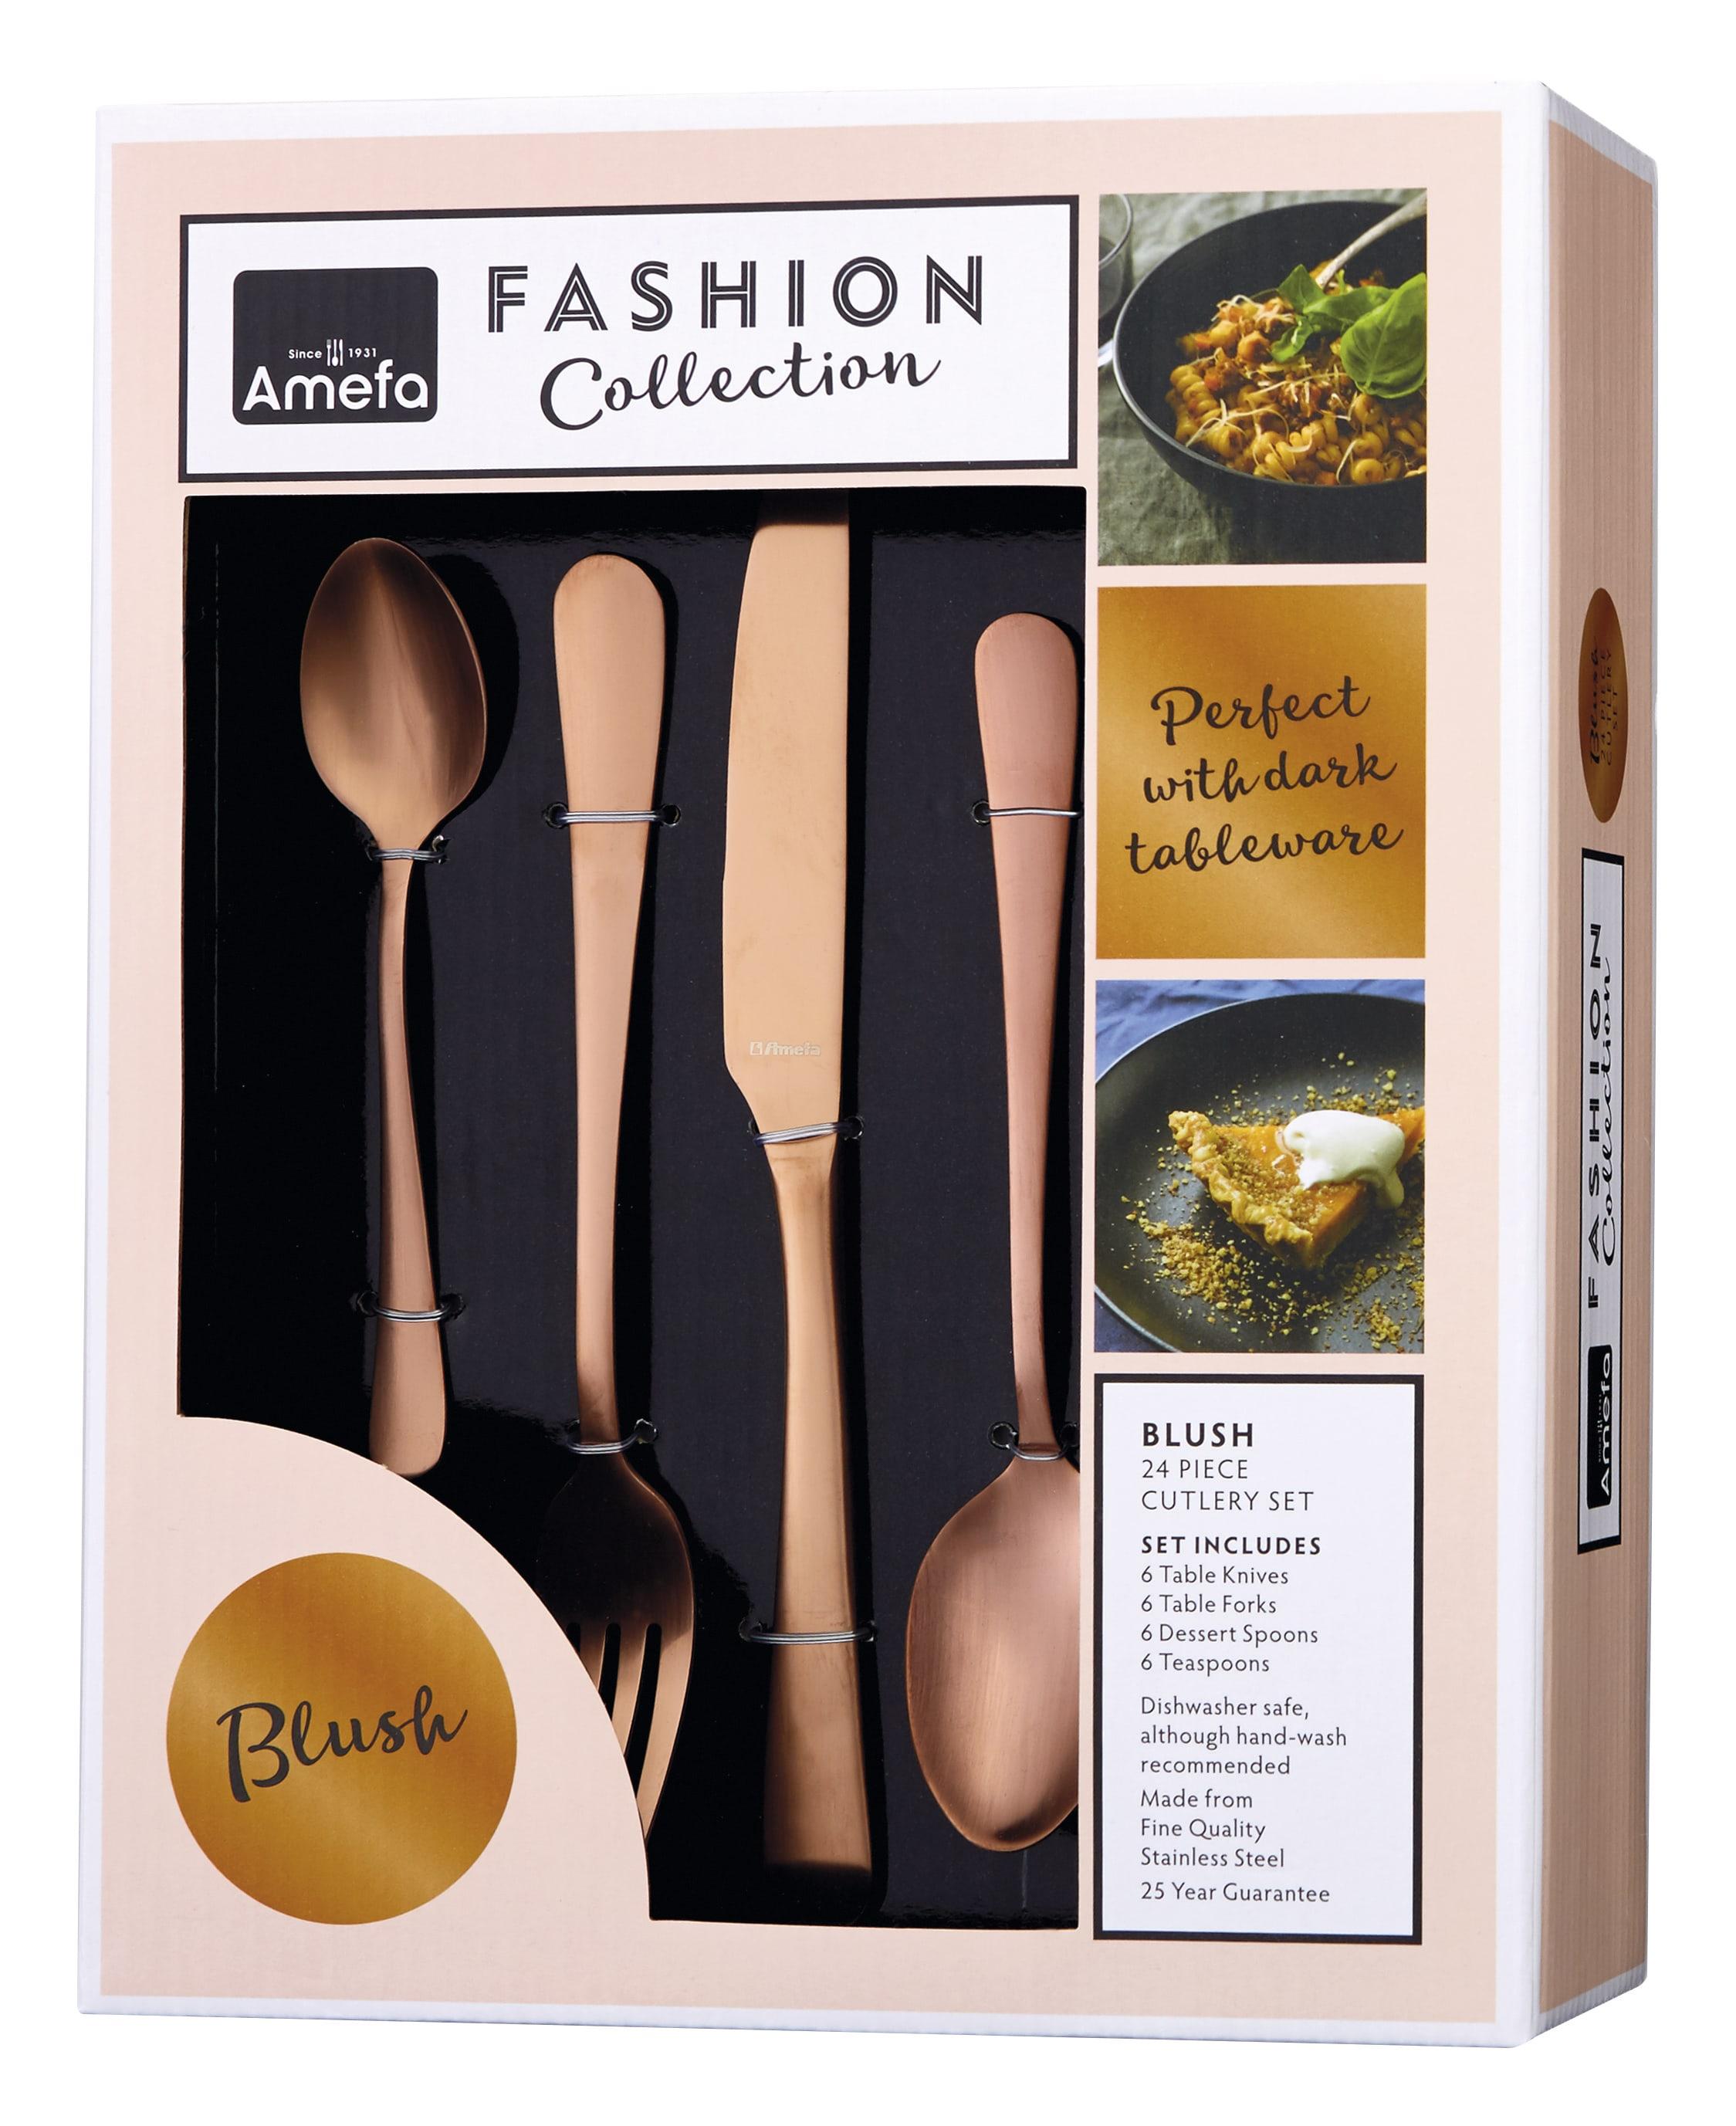 Amefa Blush Copper 24 Piece Cutlery Set